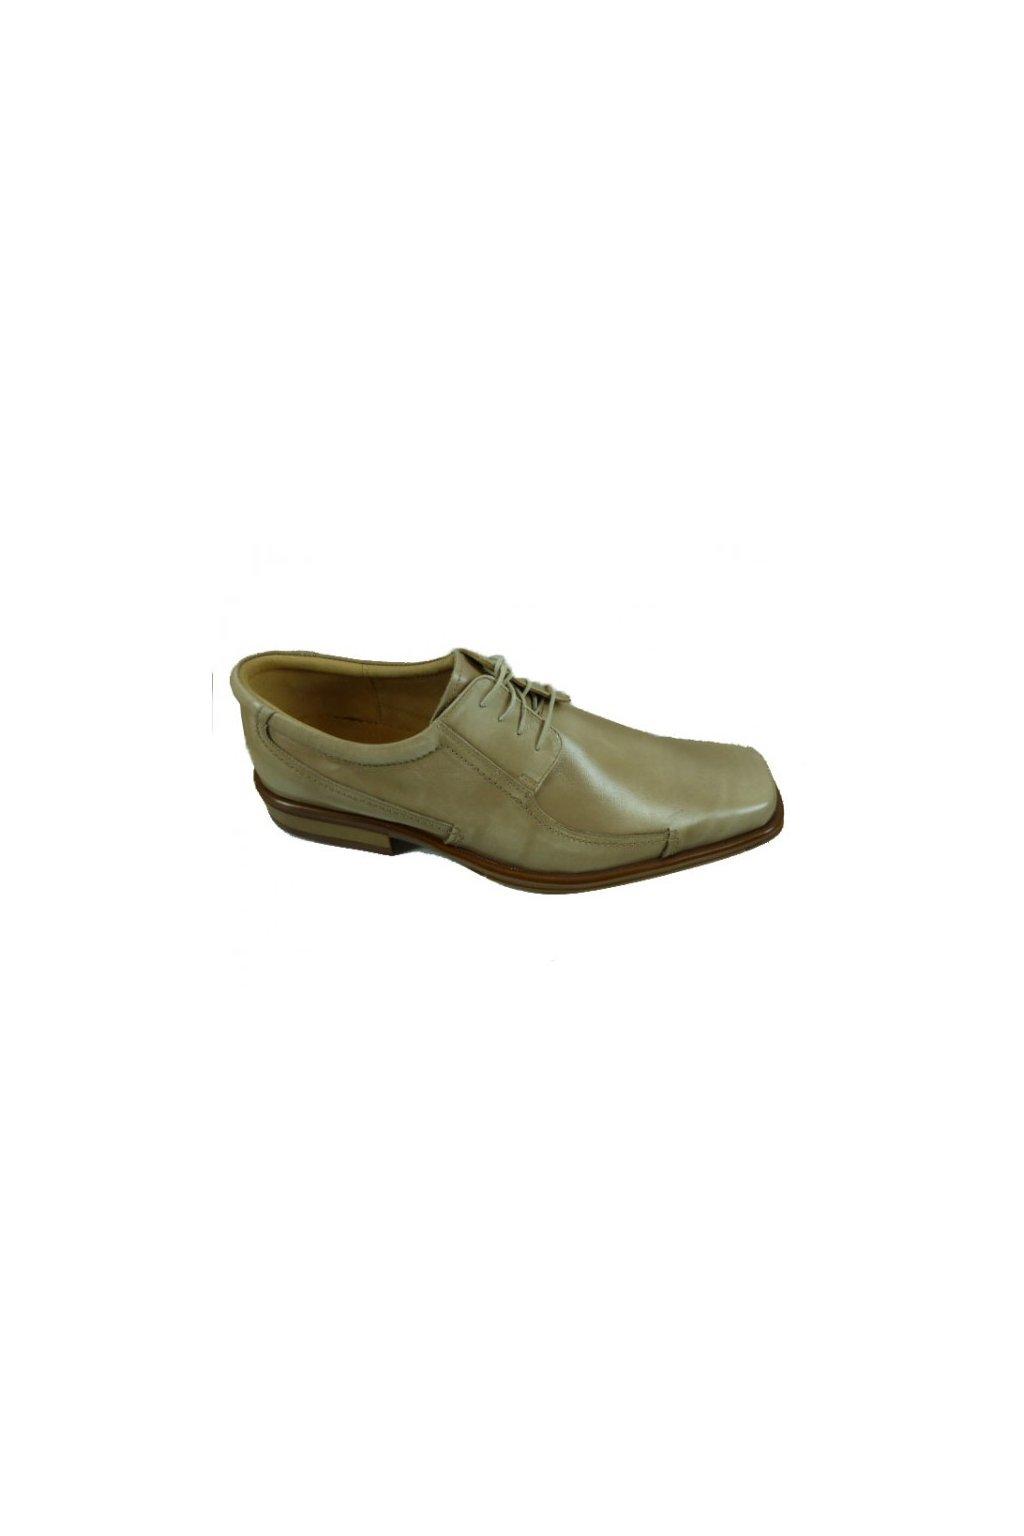 Nadměrná pánská obuv Kuda 523 béžová